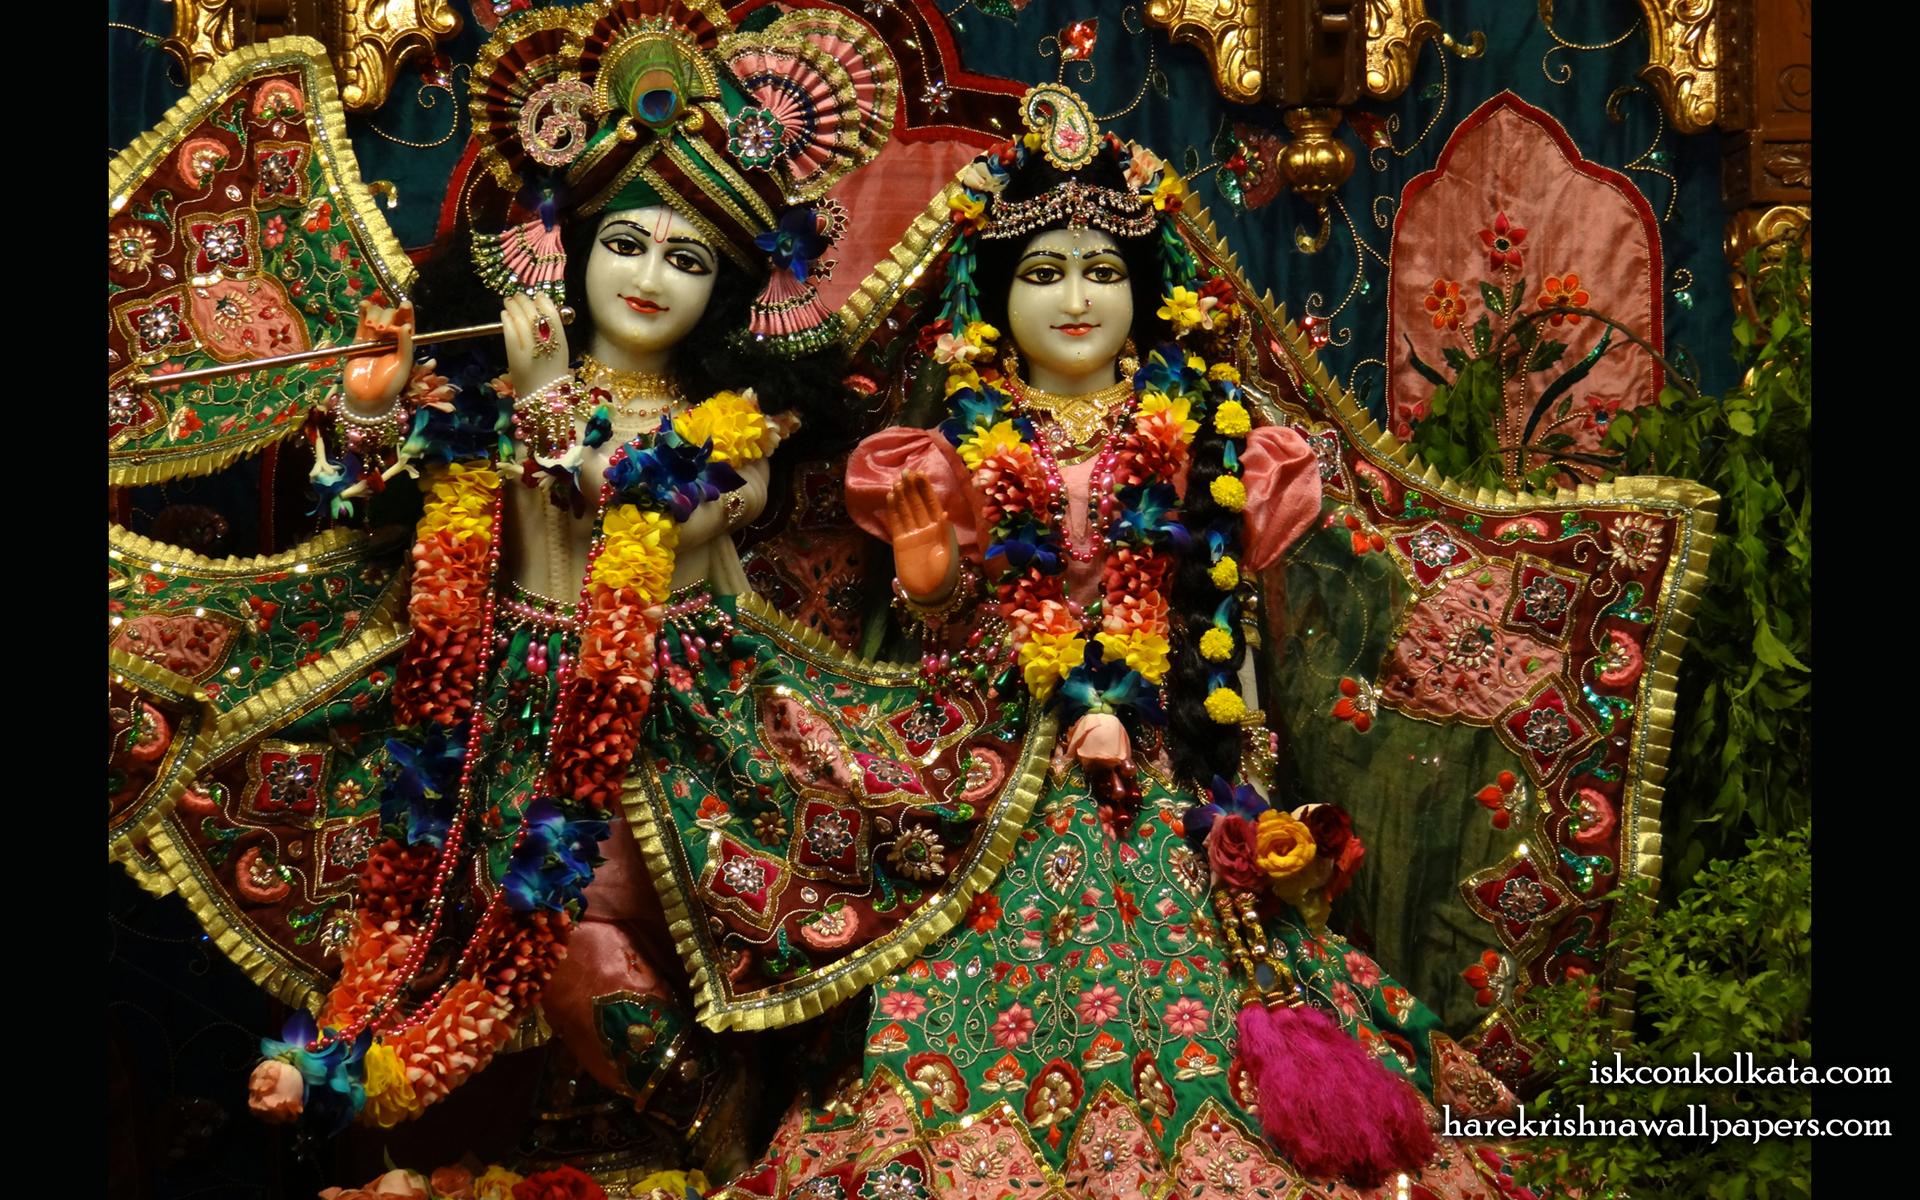 Sri Sri Radha Govinda Wallpaper (005) Size 1920x1200 Download